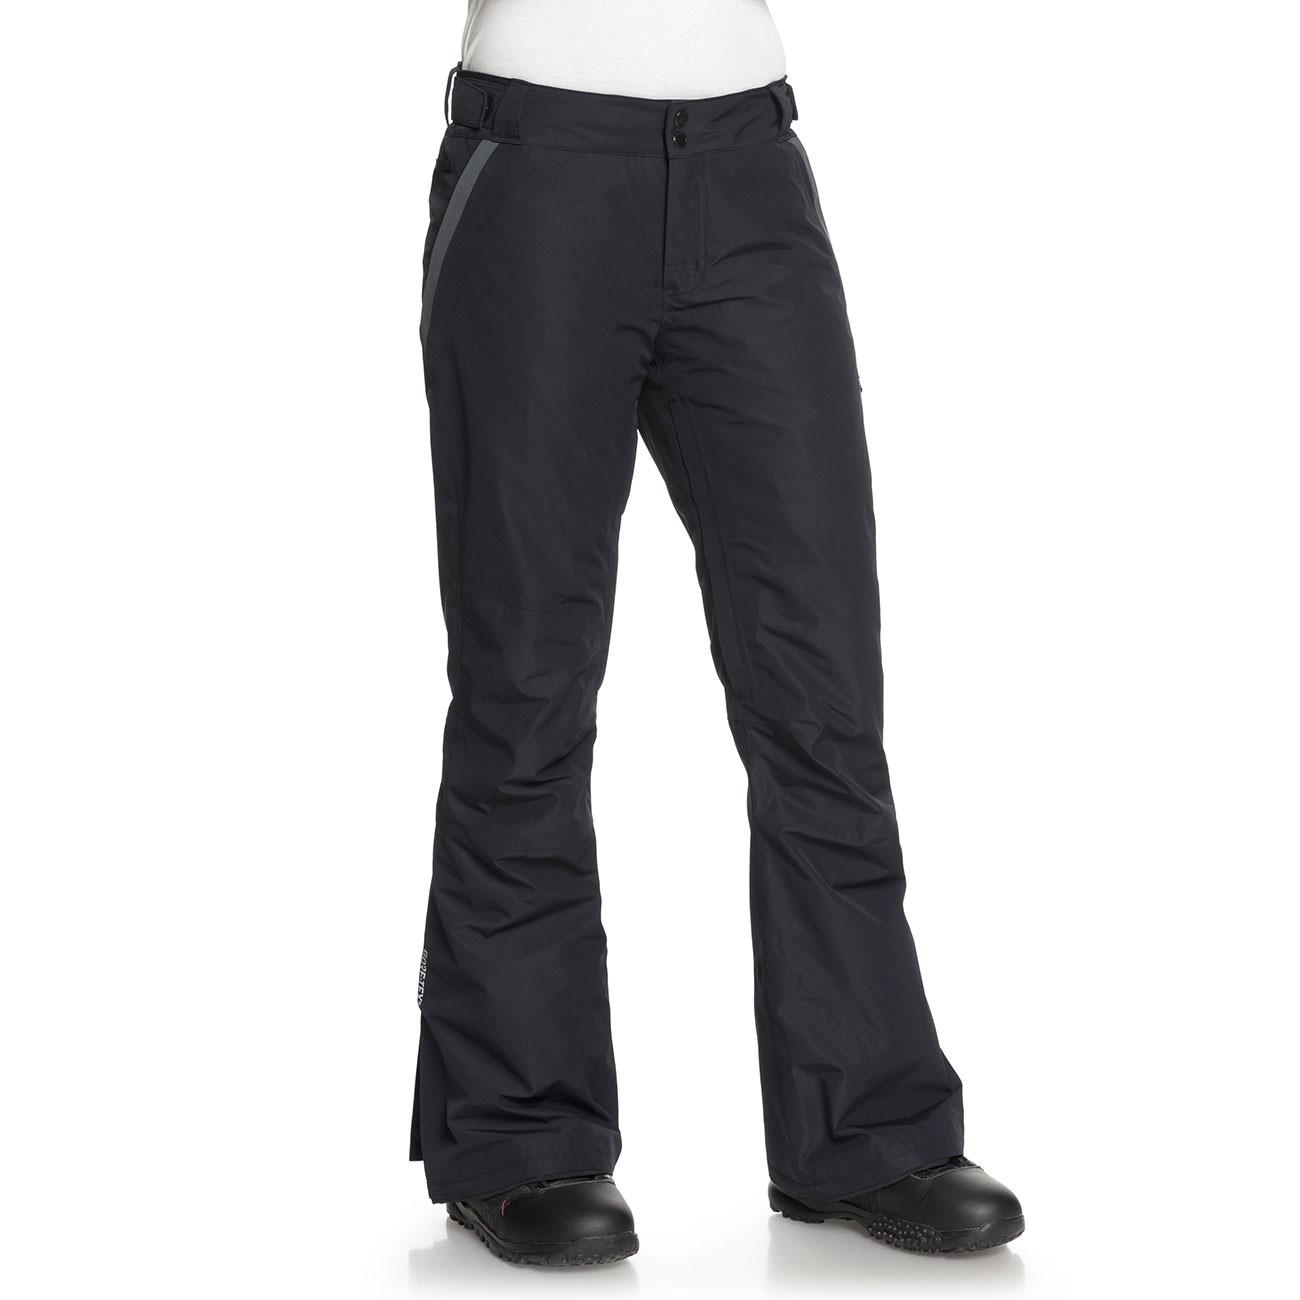 9969f83b72 Kalhoty Roxy Rushmore 2L Gore-Tex true black